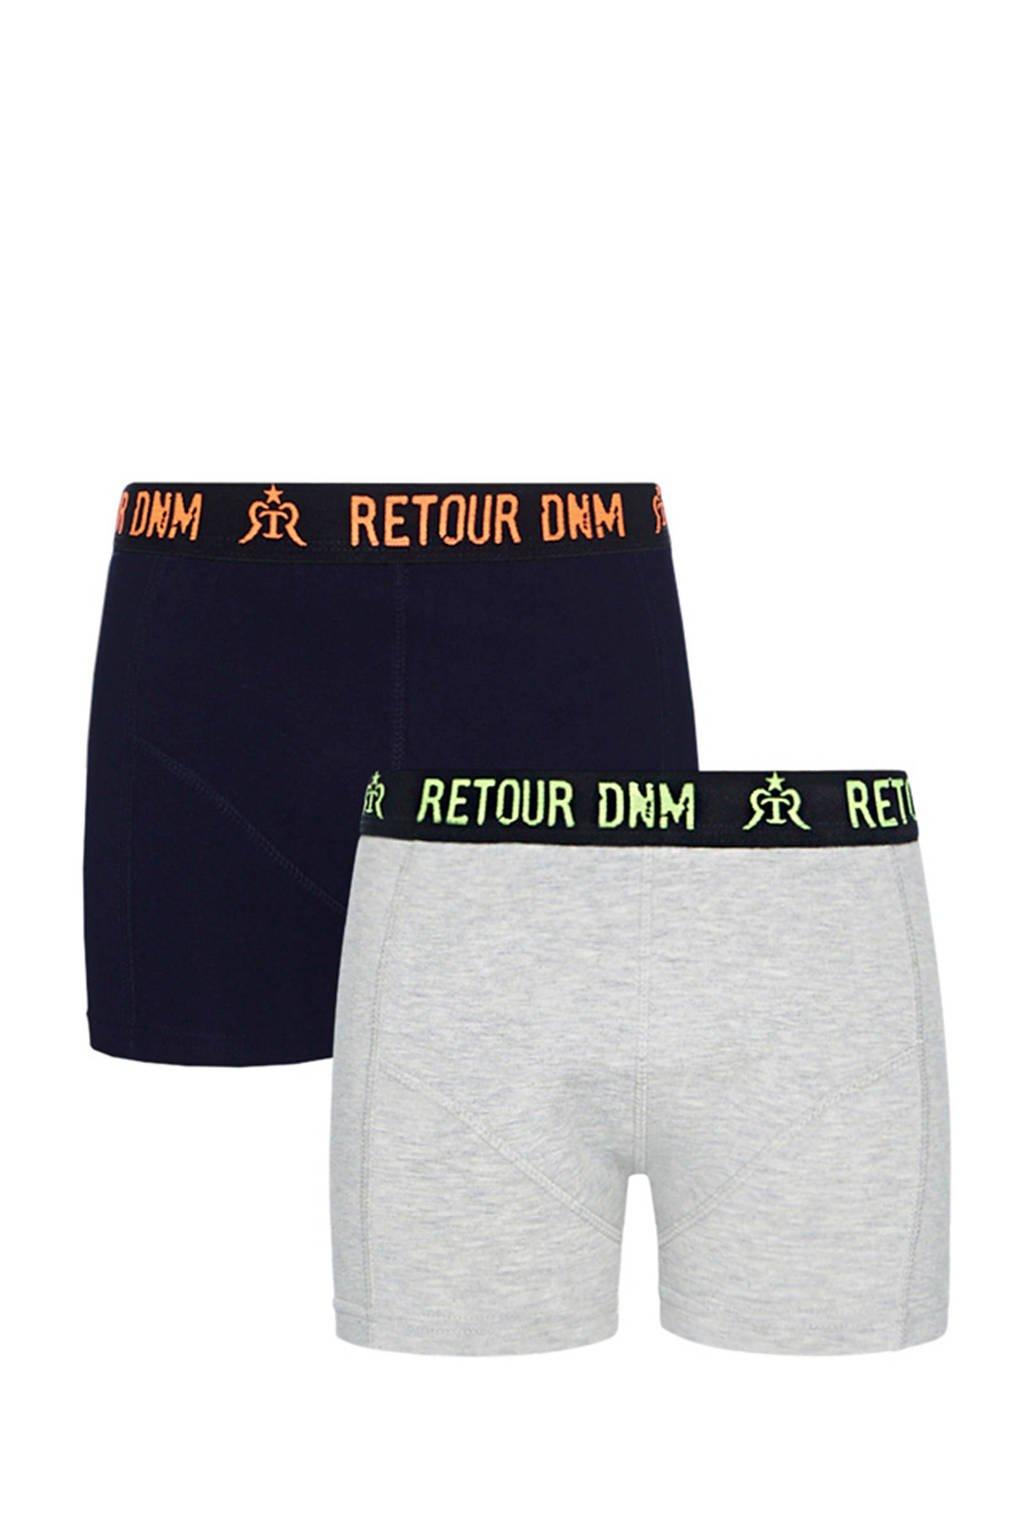 Retour Denim   boxershort - set van 2- Barend donkerblauw, Donkerblauw/grijs melange